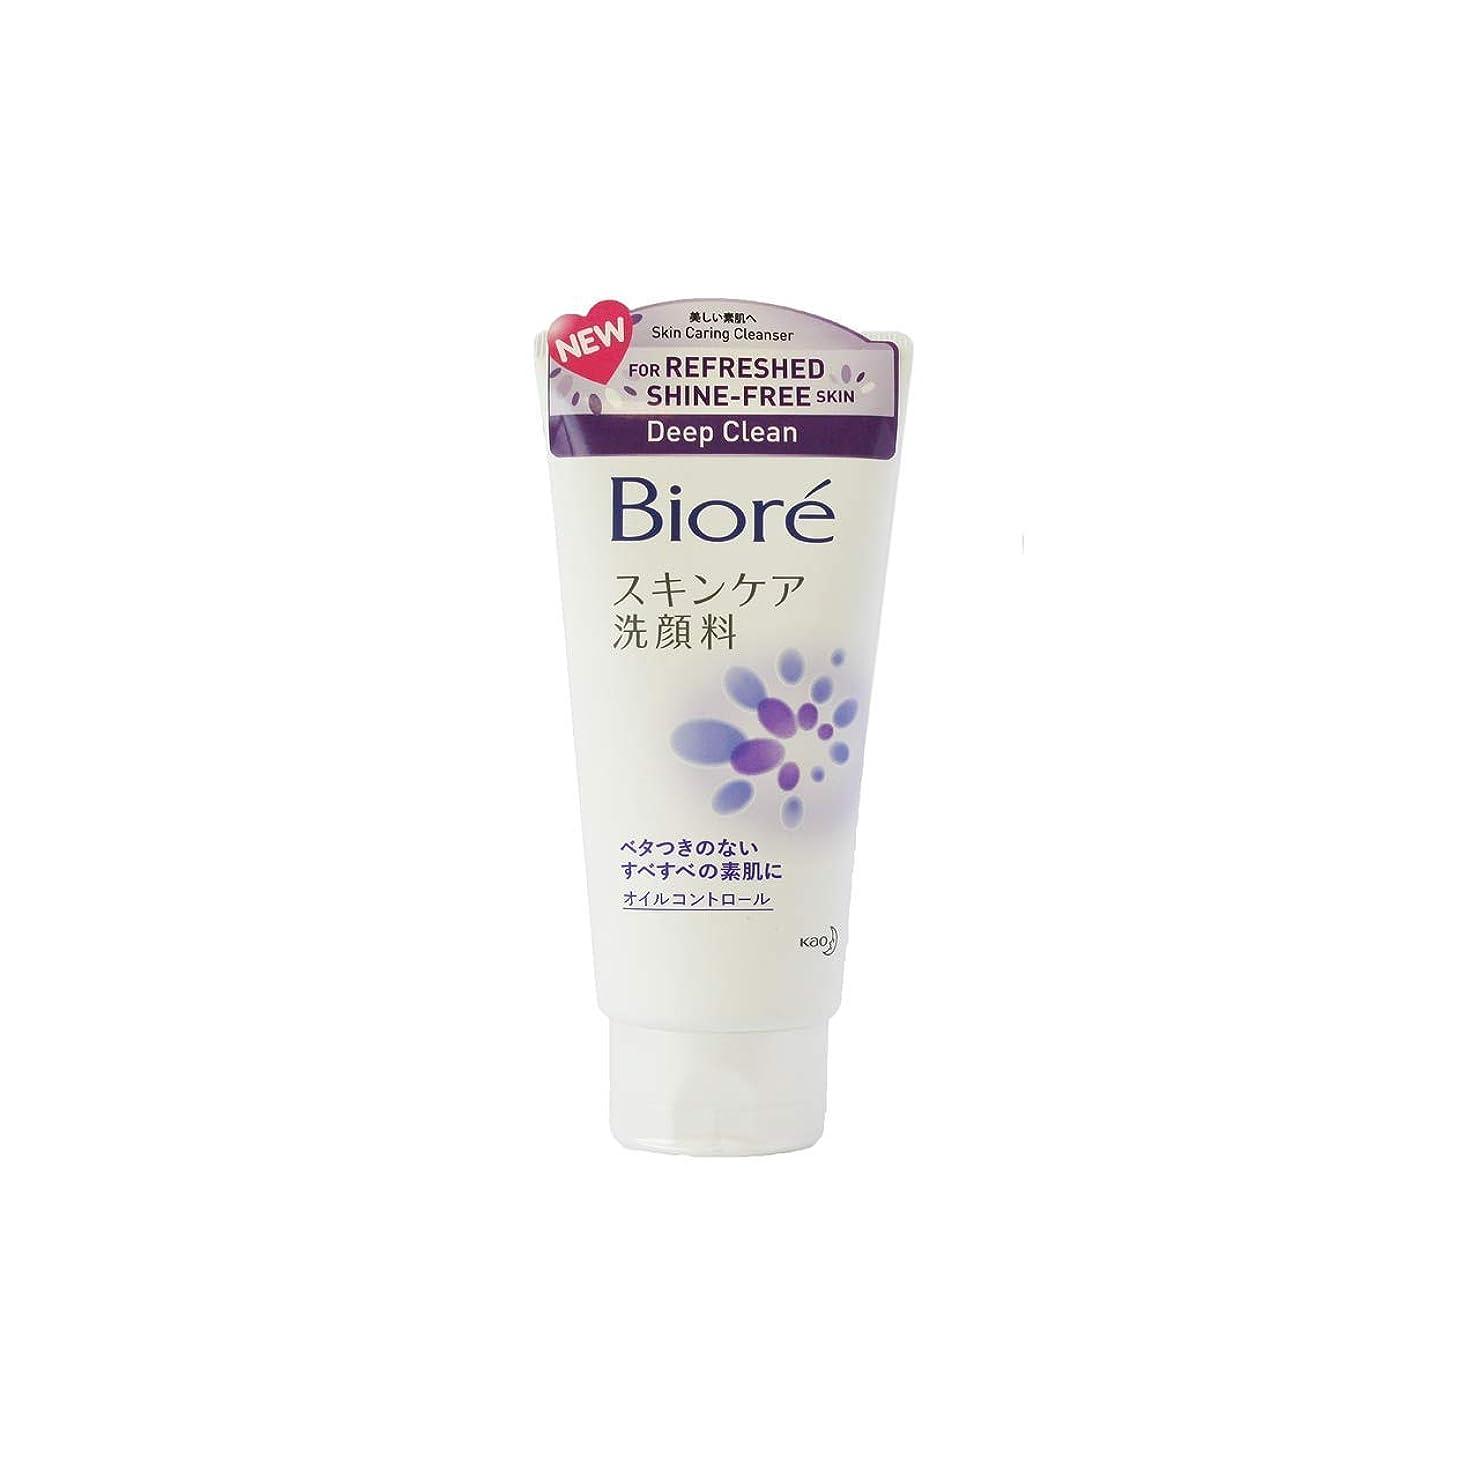 コショウチューインガムモーターBIORE UV ビオレ皮膚洗浄剤オイルコントロール親密な130グラム